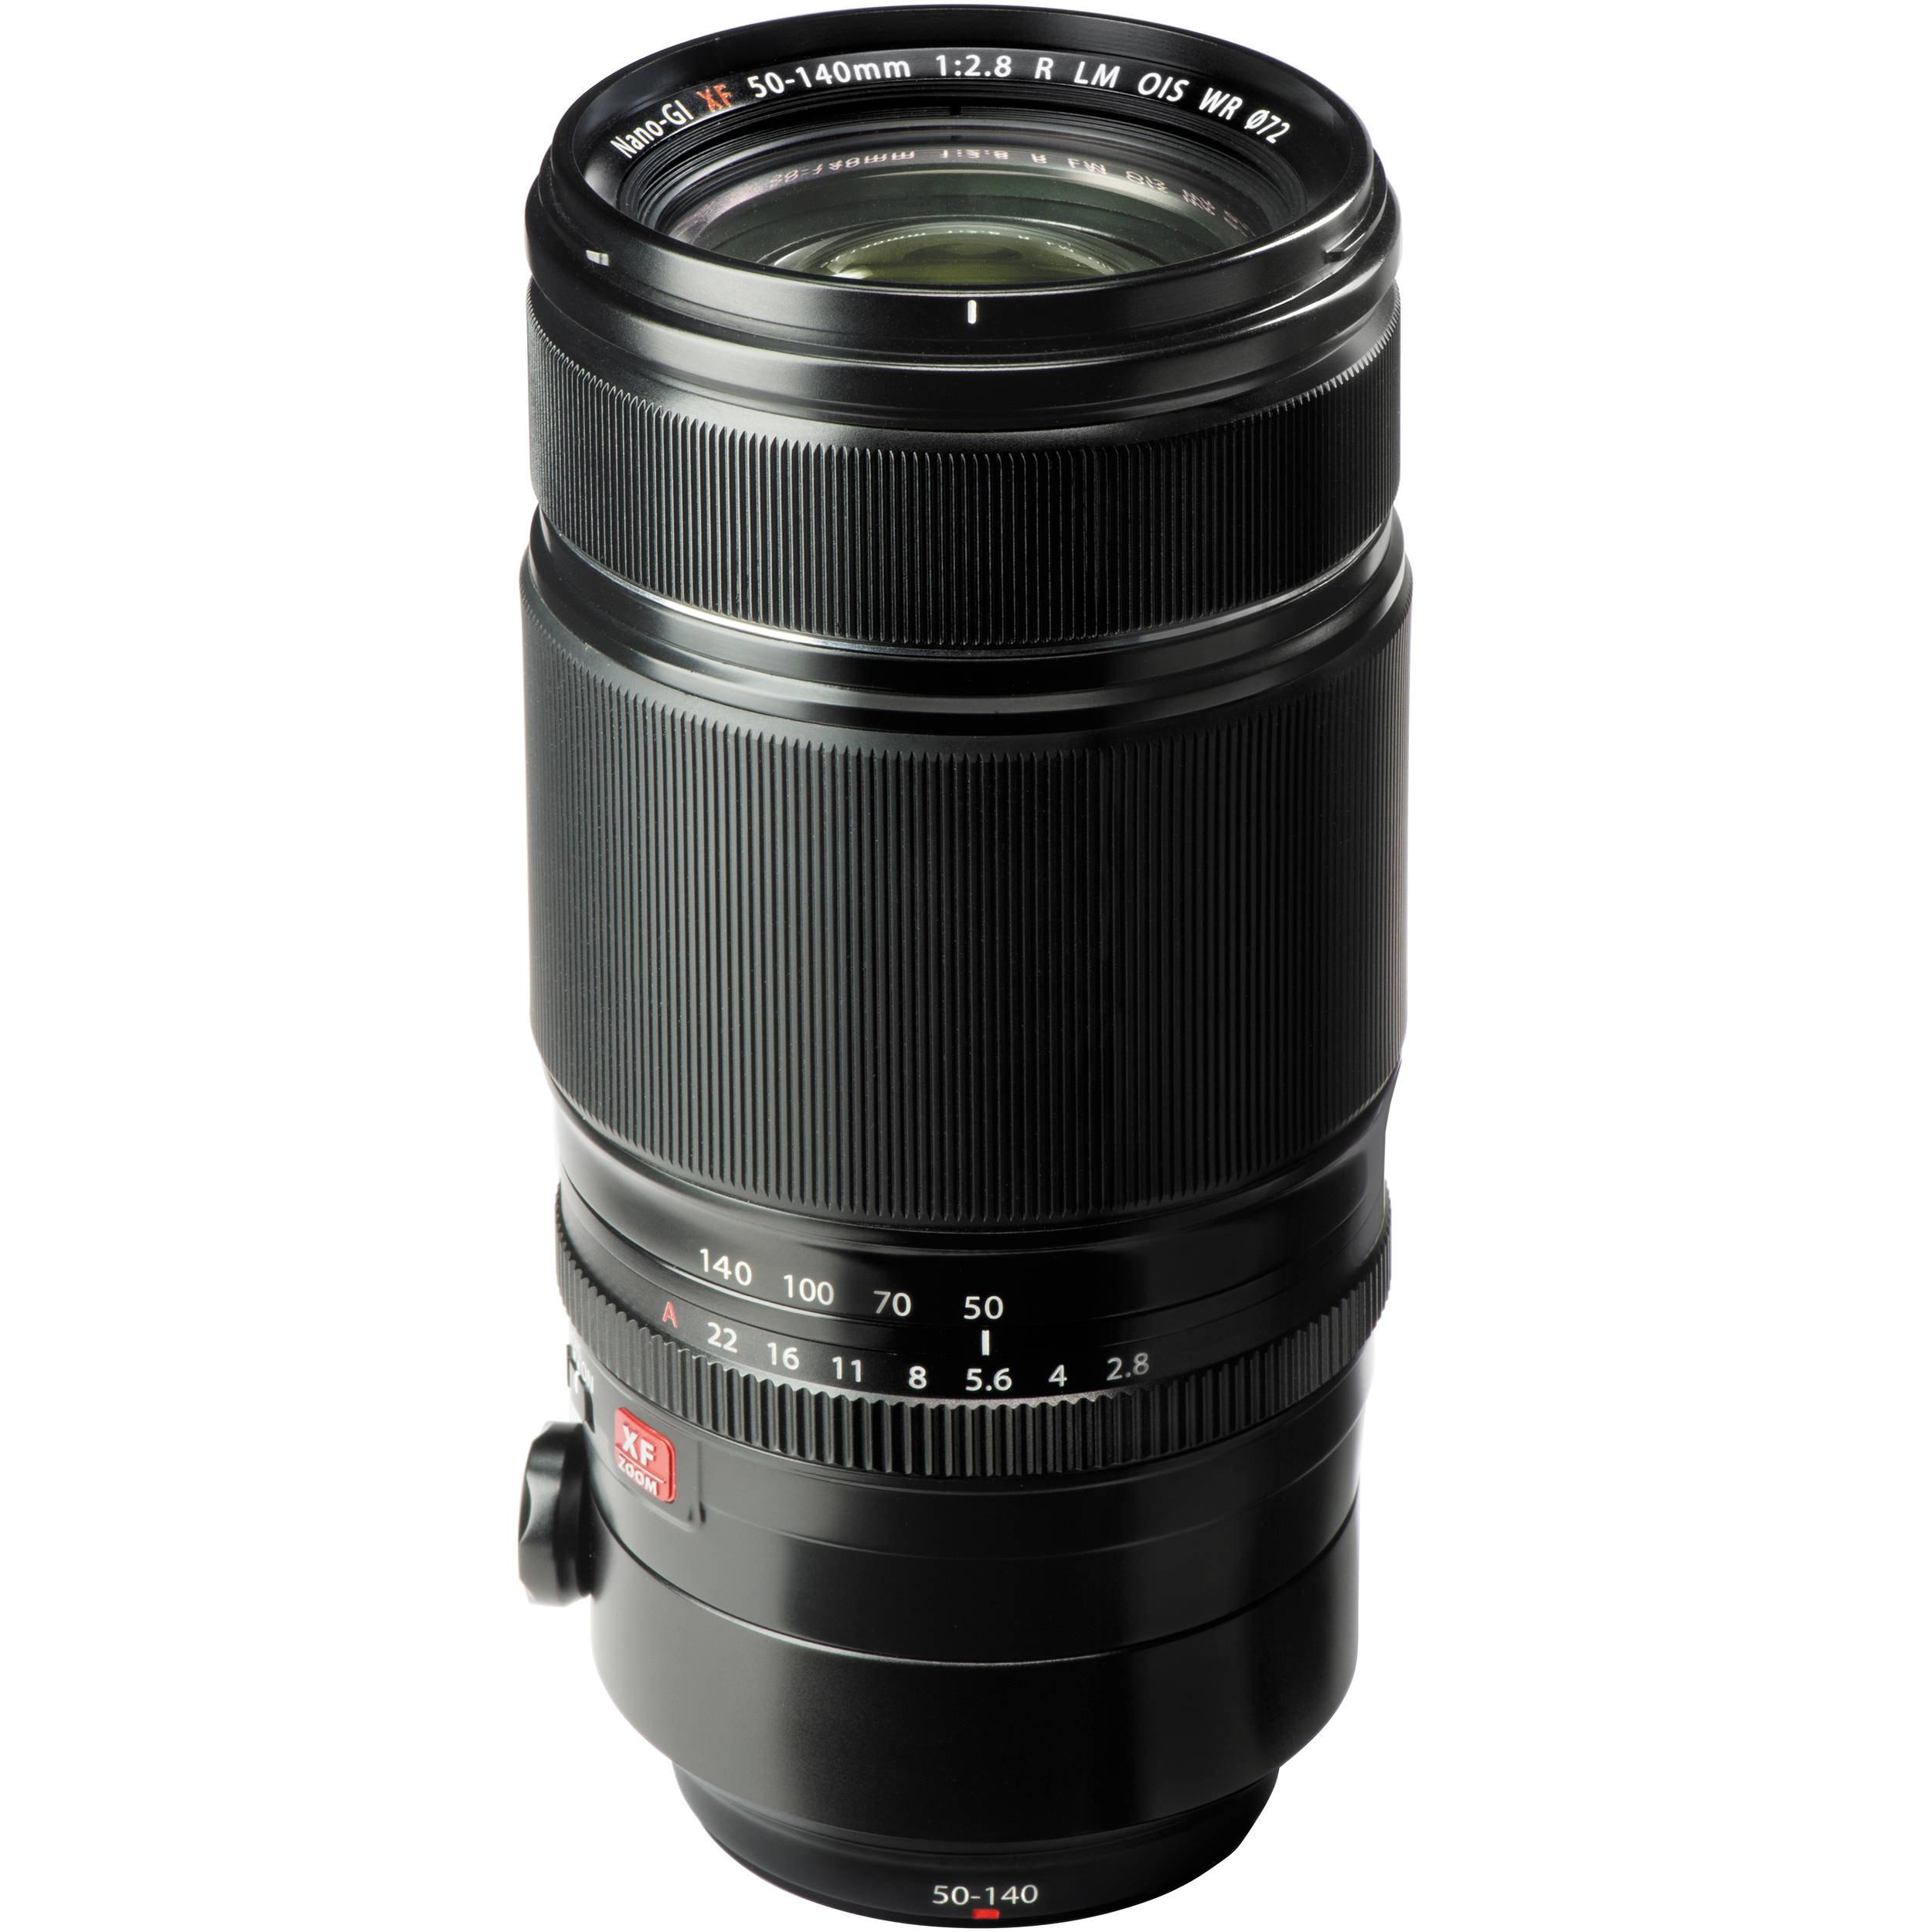 Fujifilm Fujinon XF 50-140mm f/2,8 R LM OIS WR